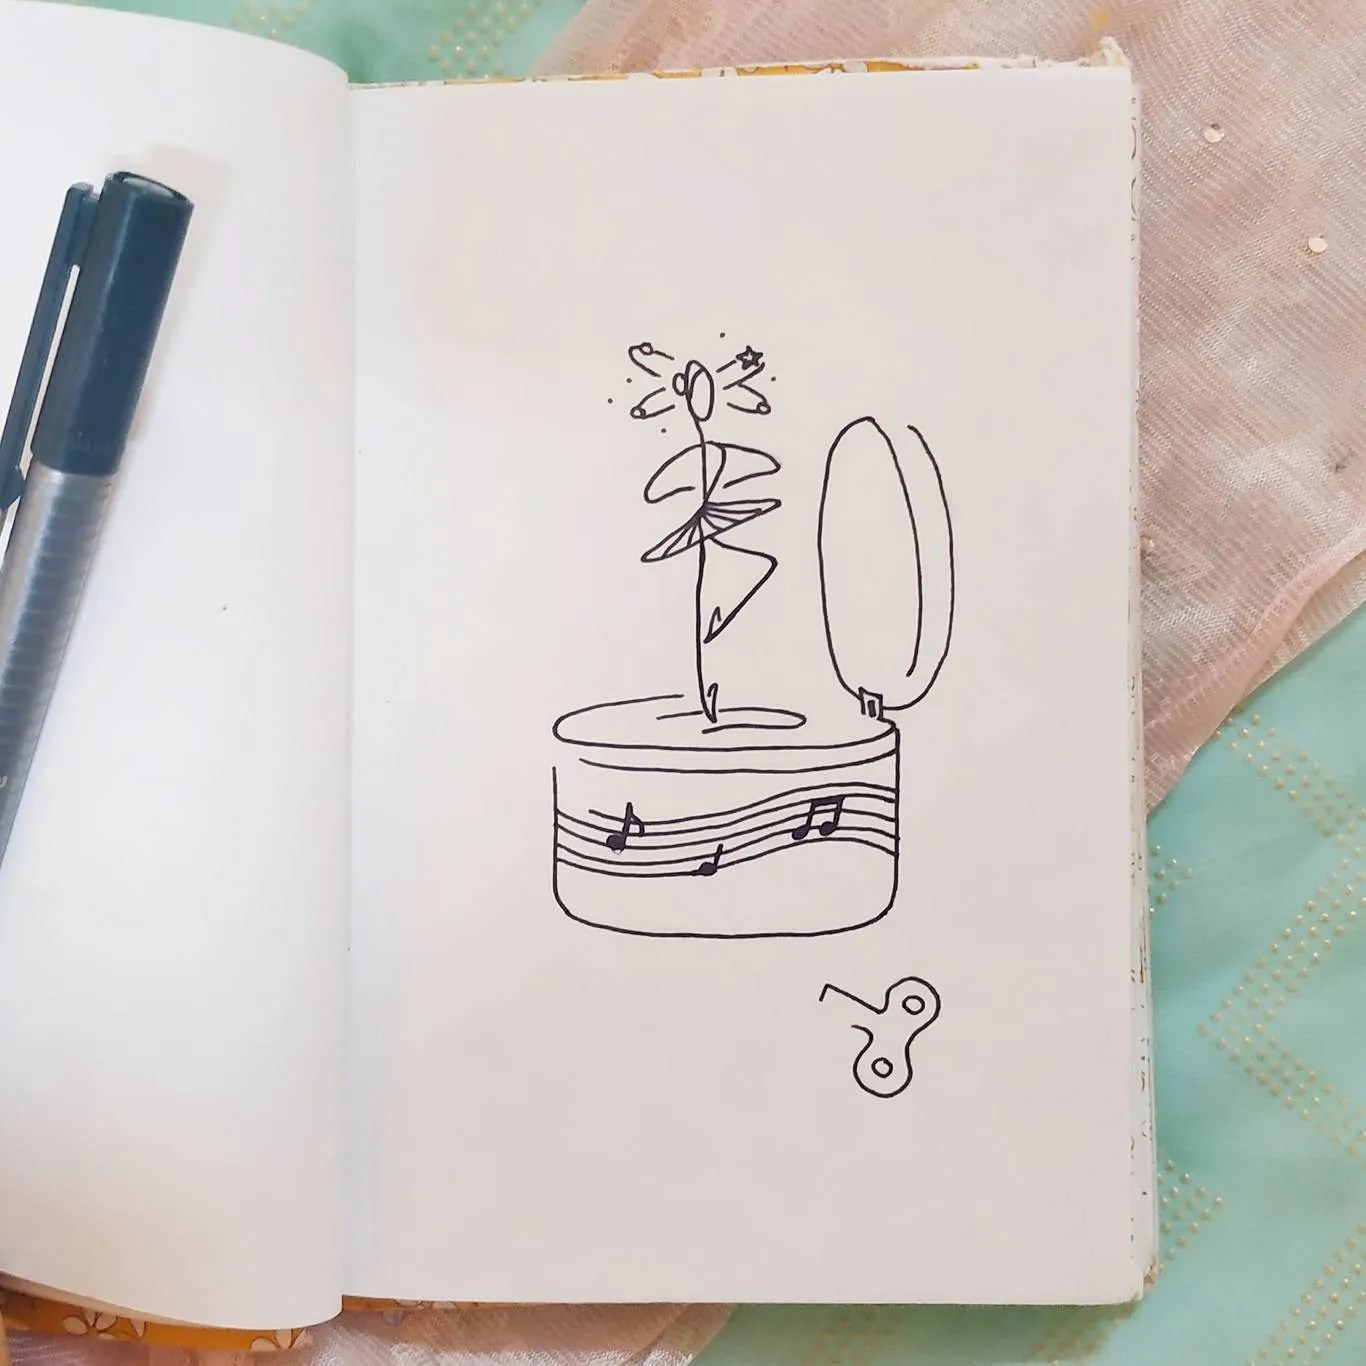 Inktober Día 24: Dizzy. Ilustración: Marlene Patricia Posada Villanueva / Magazine AM:PM.